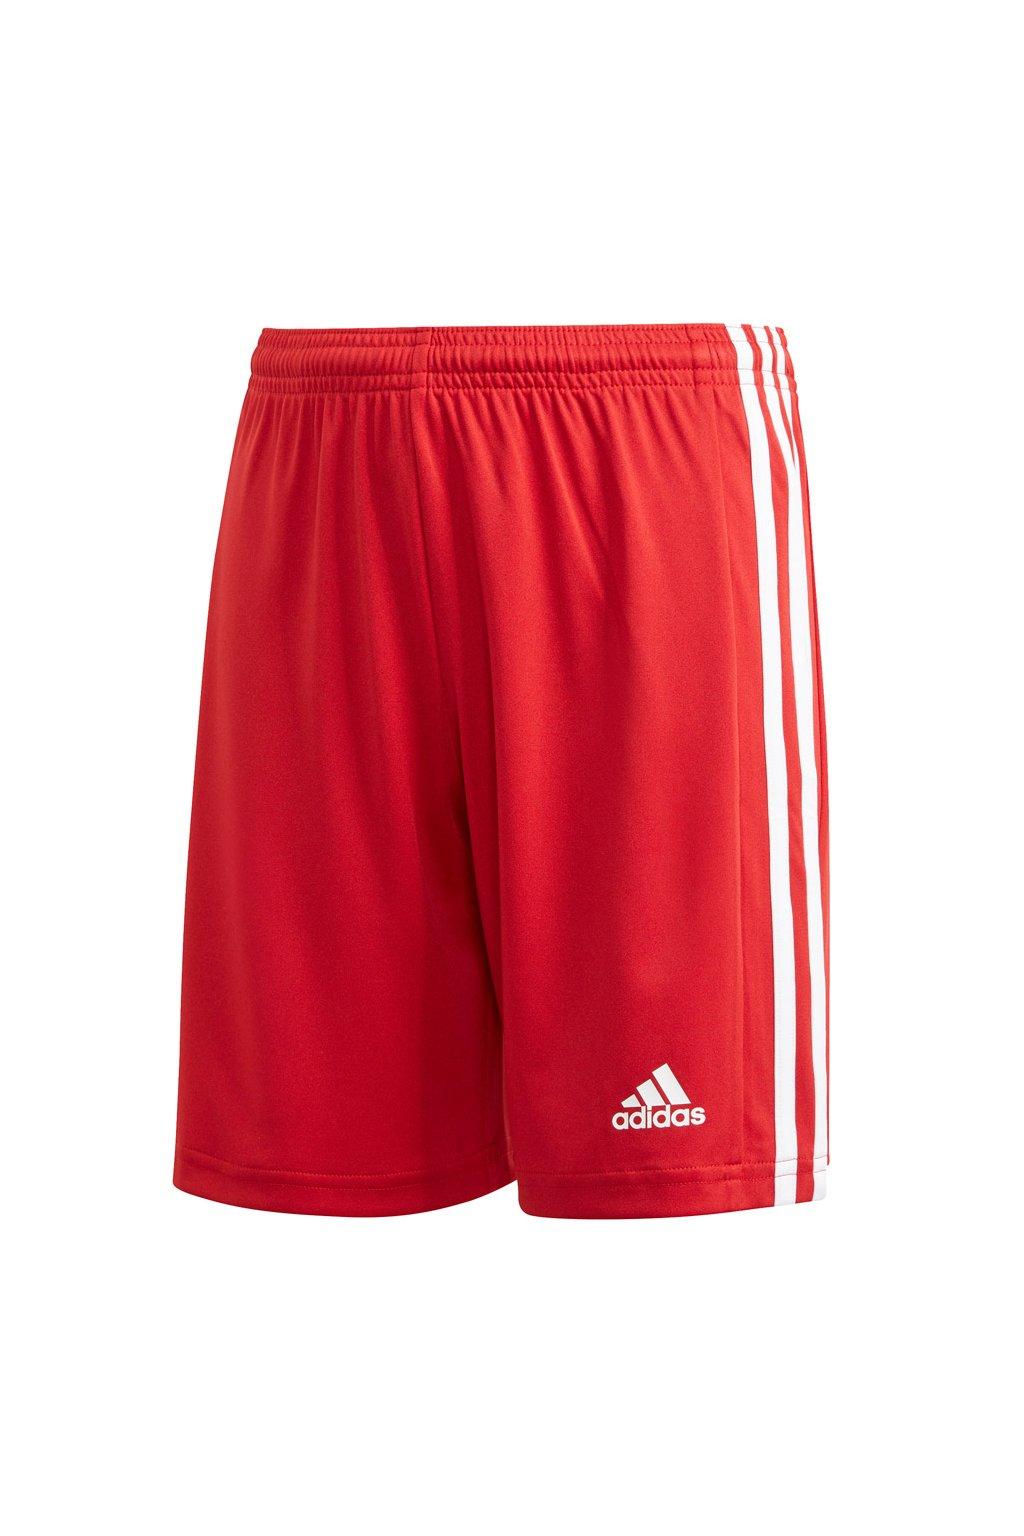 Detské kraťasy Adidas Squadra 21 Short Youth červené GN5761